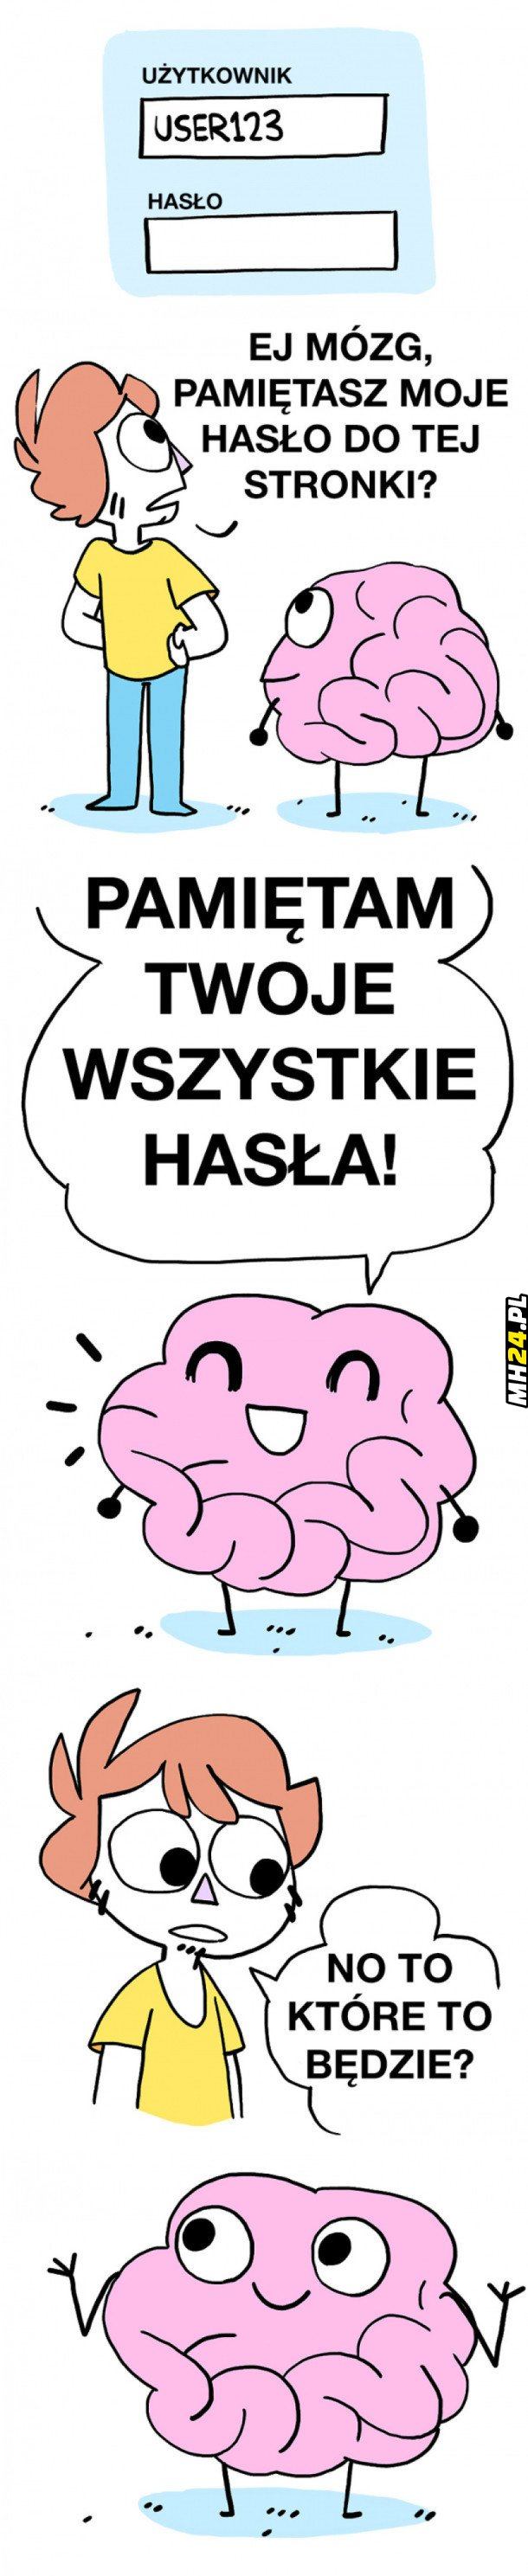 Mózg Obrazki